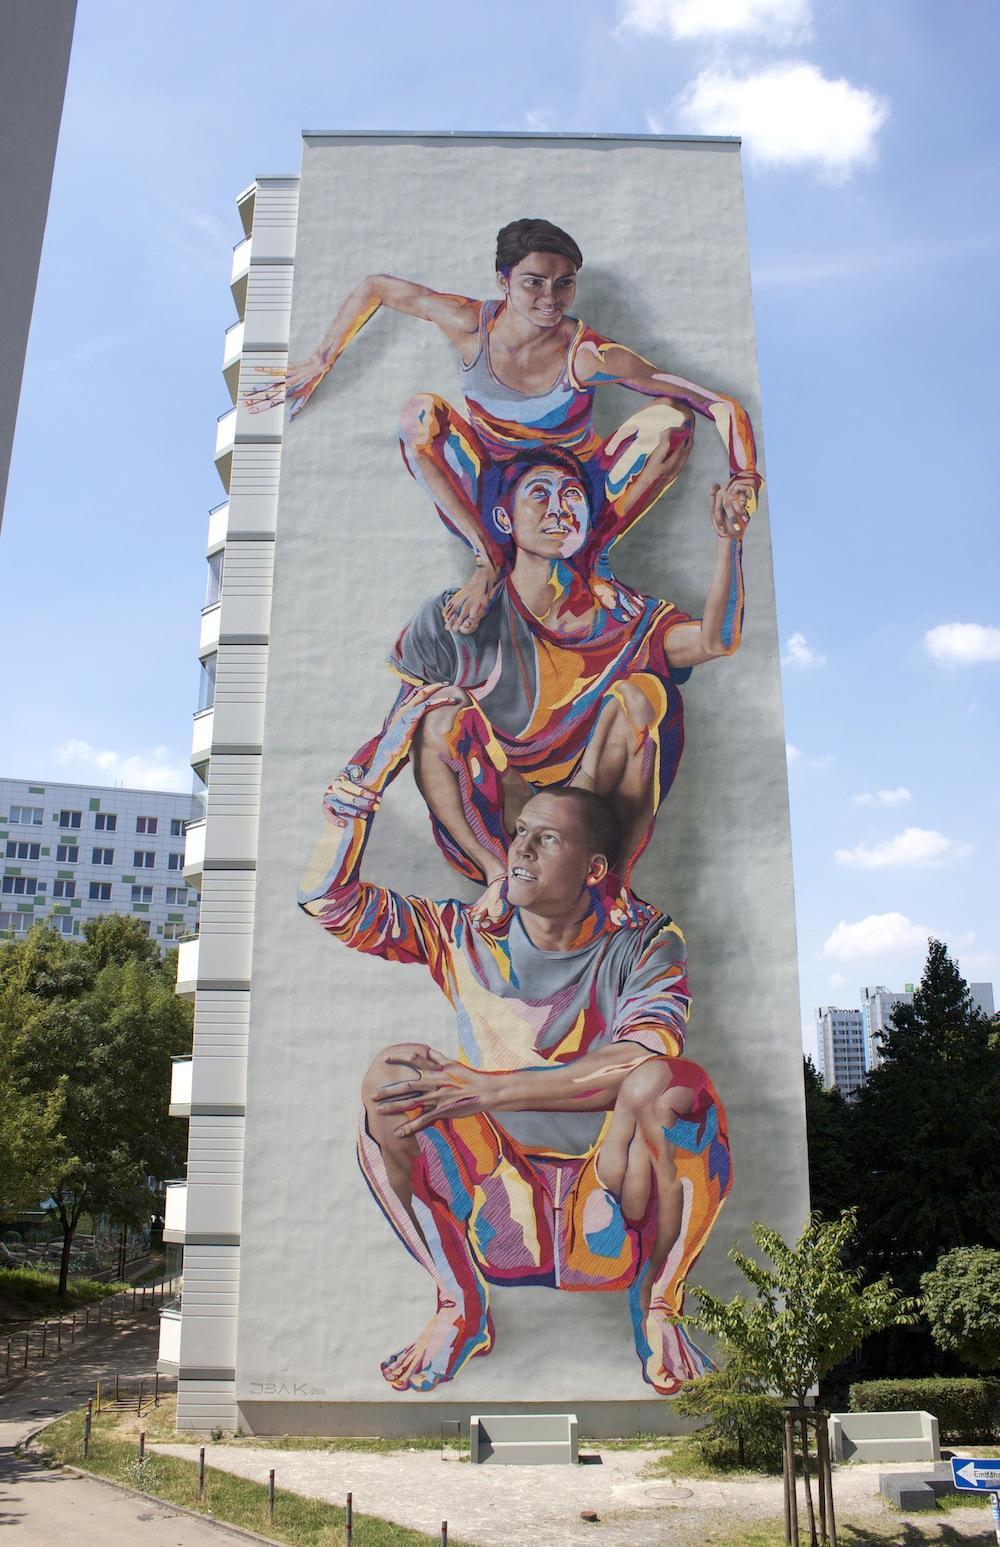 James Bullough Street Art Artpeople Net